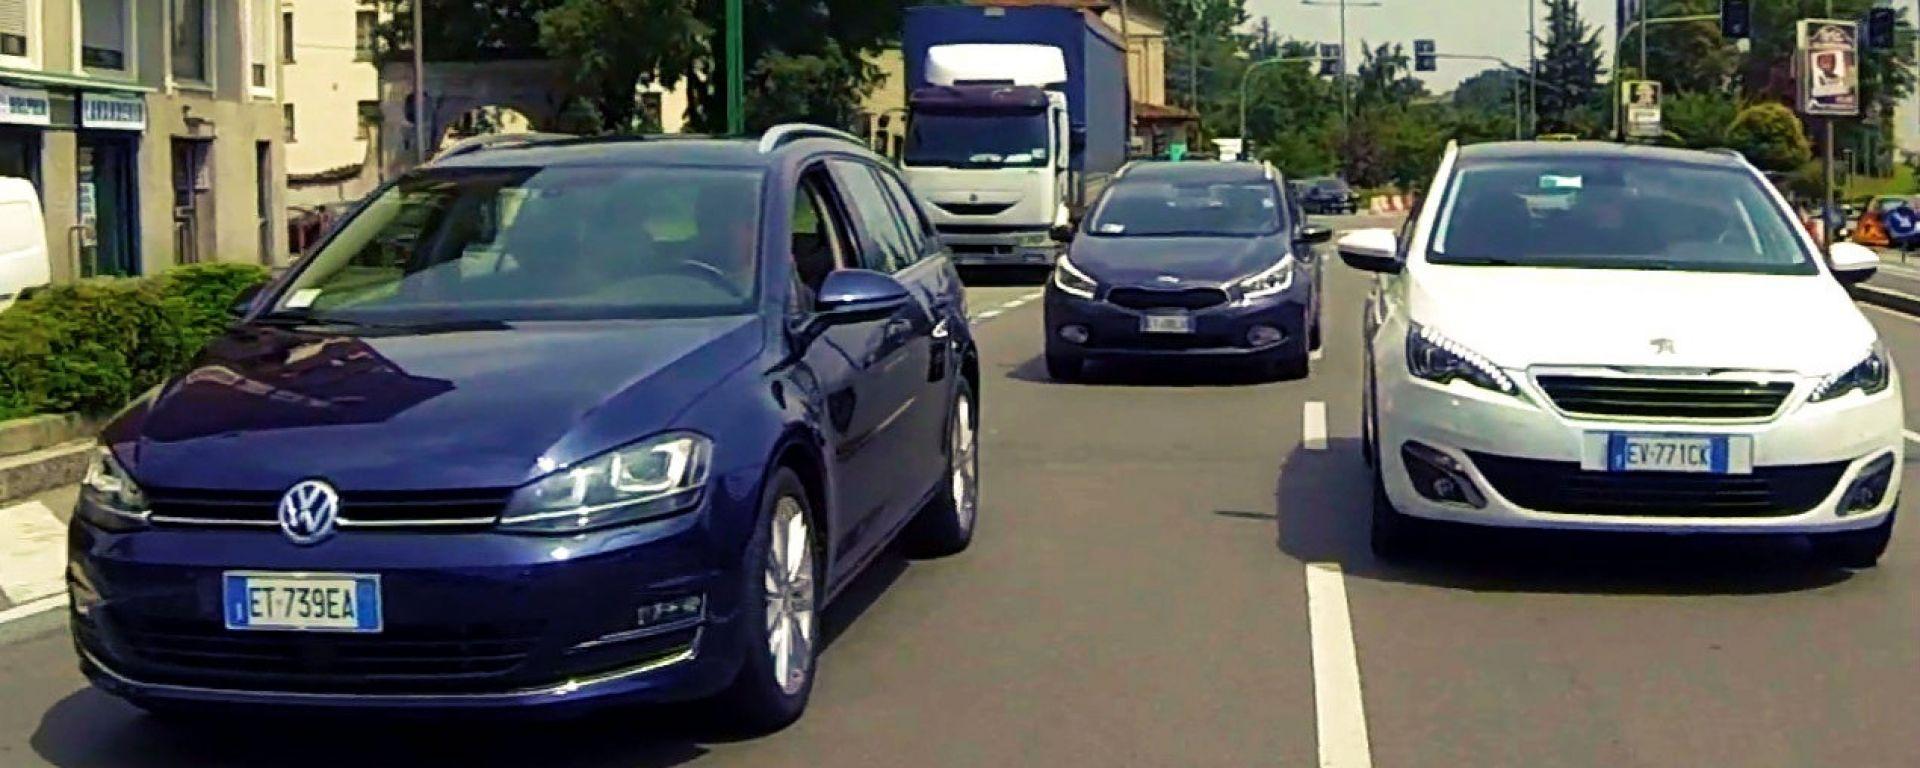 Peugeot 308 SW vs Kia cee'd Sportswagon vs Golf Variant